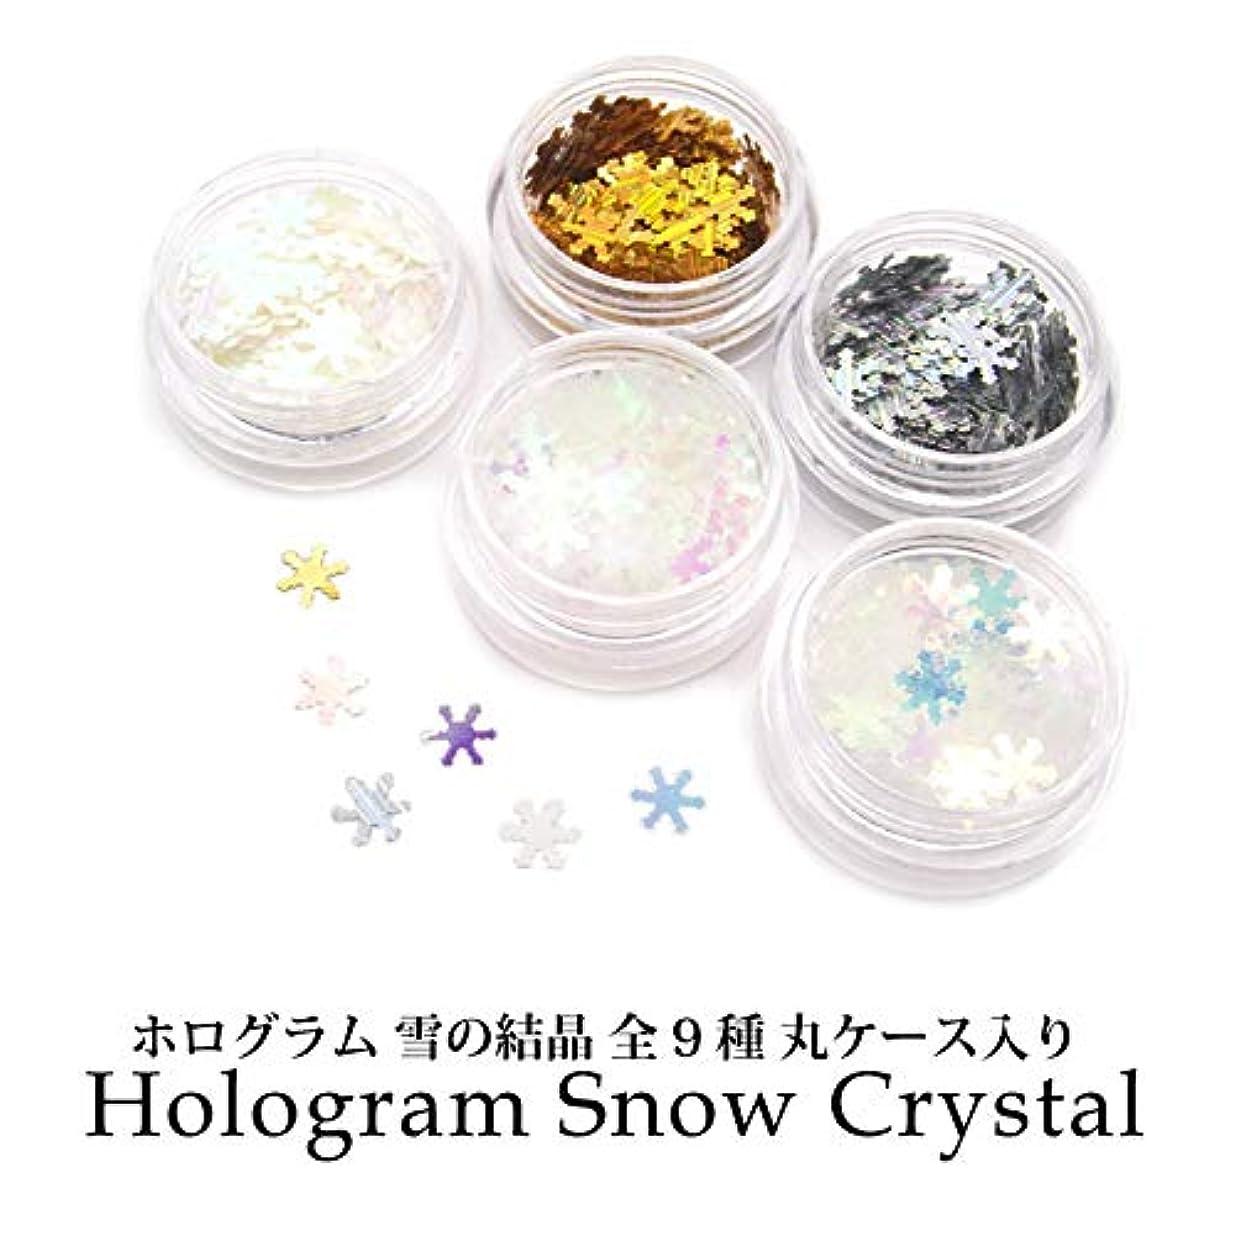 有望軍隊拒否ホログラム 雪の結晶 全9種 丸ケース入り (1.クリアオーロラブルー)